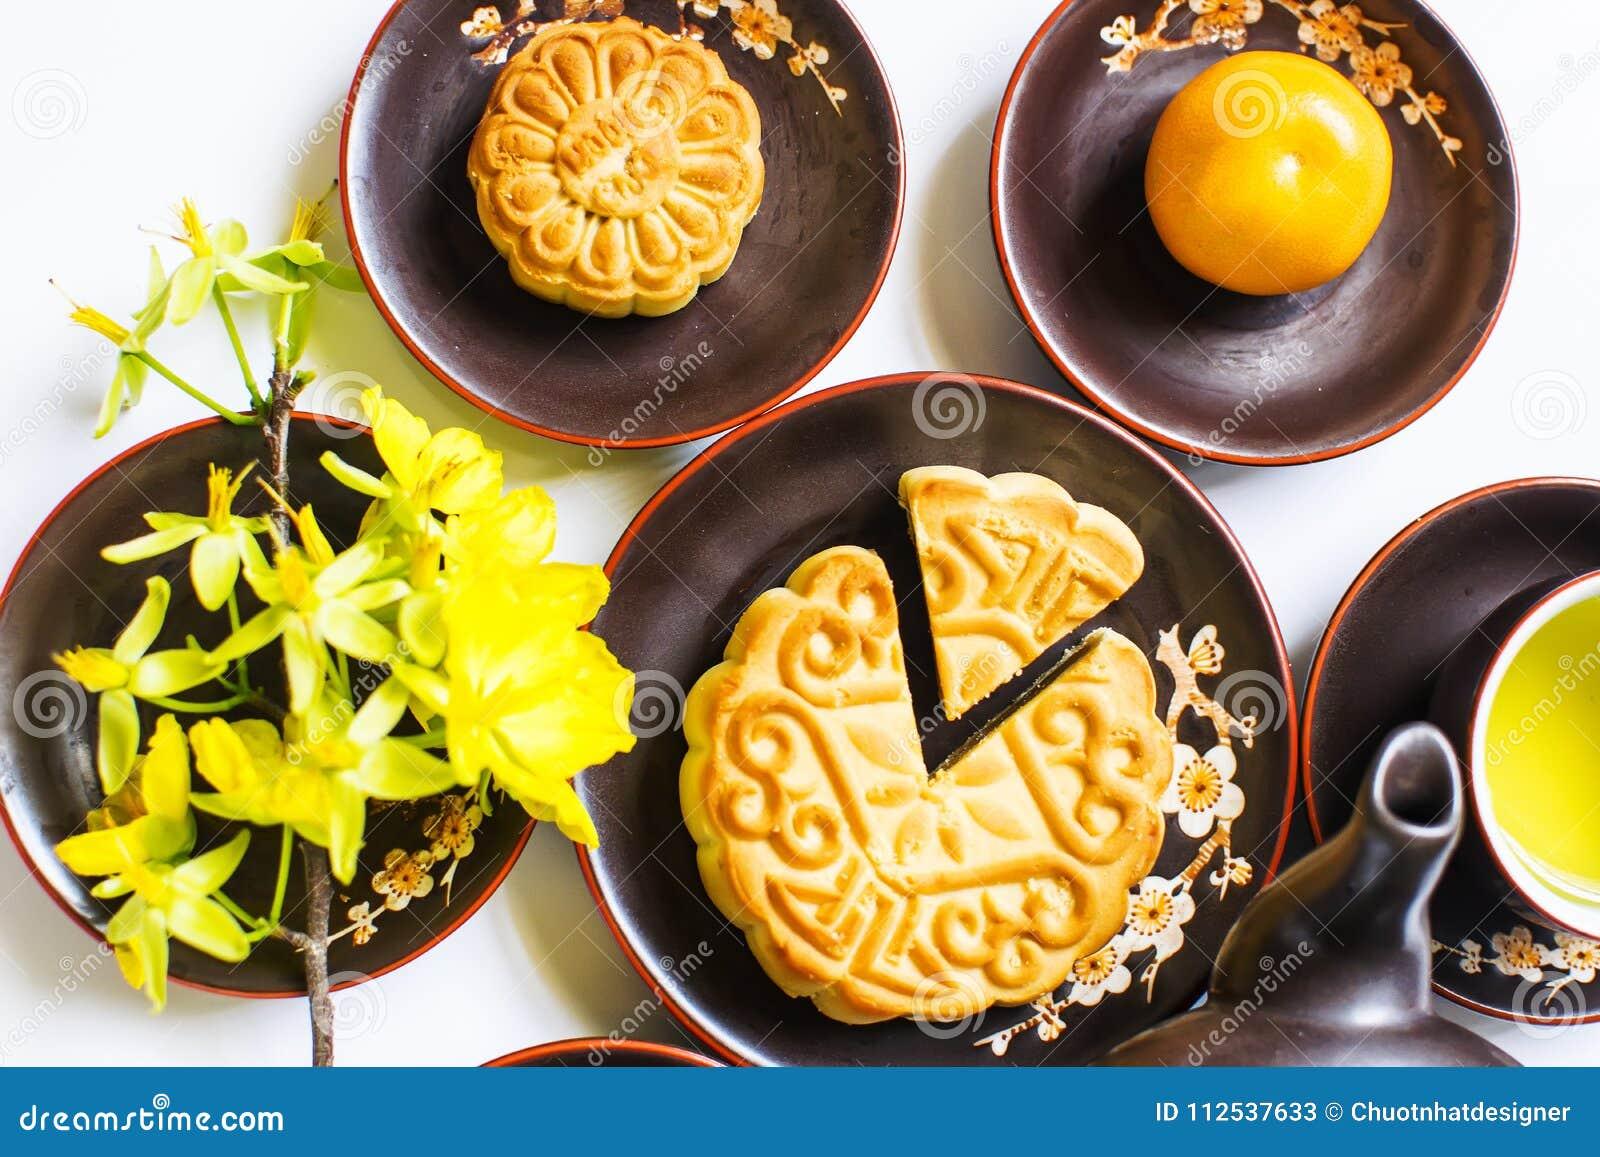 Mooncake och te, mat och drink för kinesisk mitt- höstfestival bakgrund isolerad white